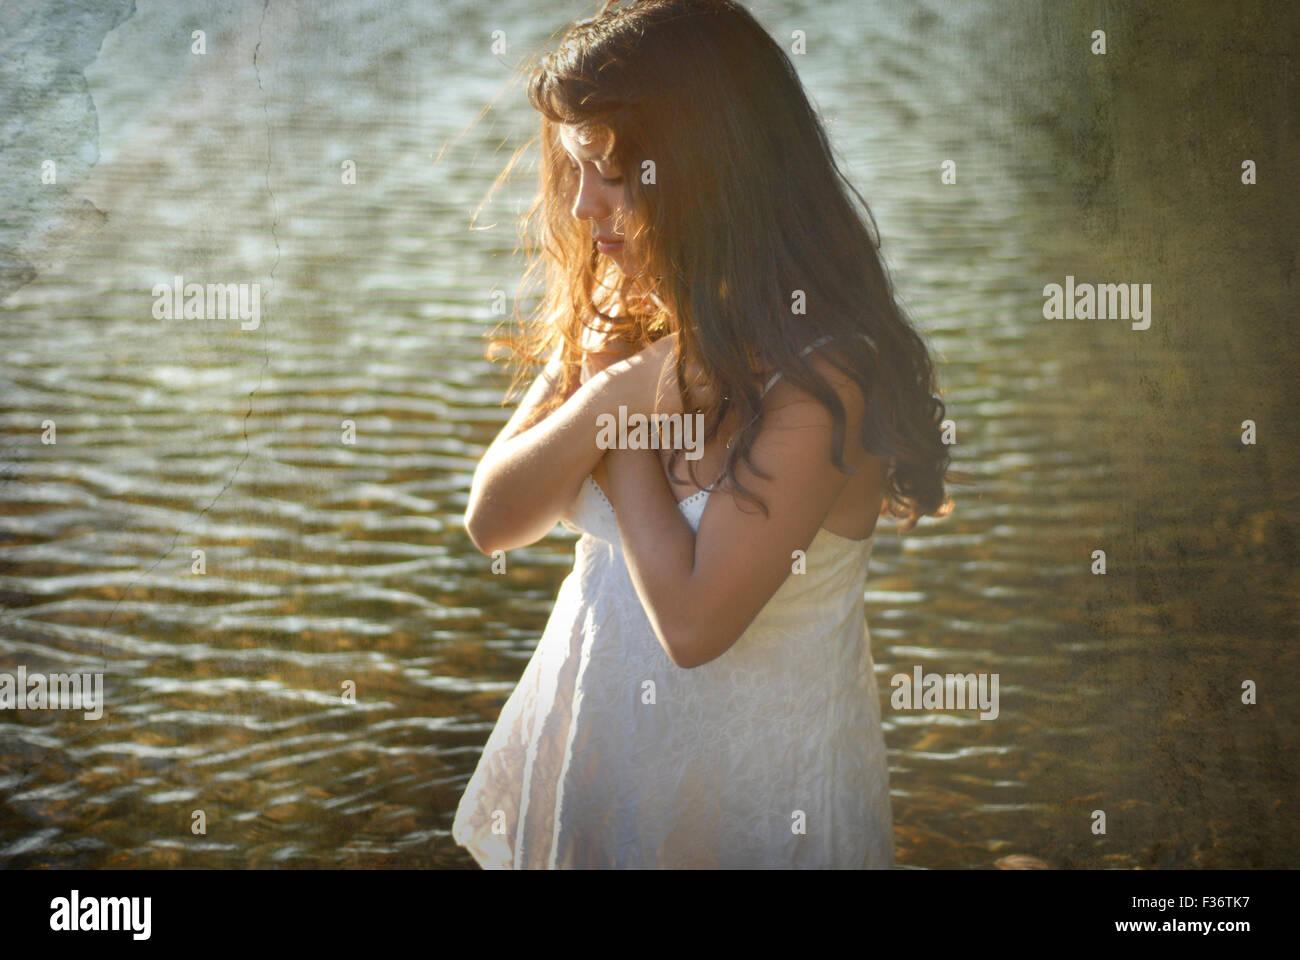 Girl cross arms dans la rivière d'eau robe blanche d'été cheveux longs Photo Stock